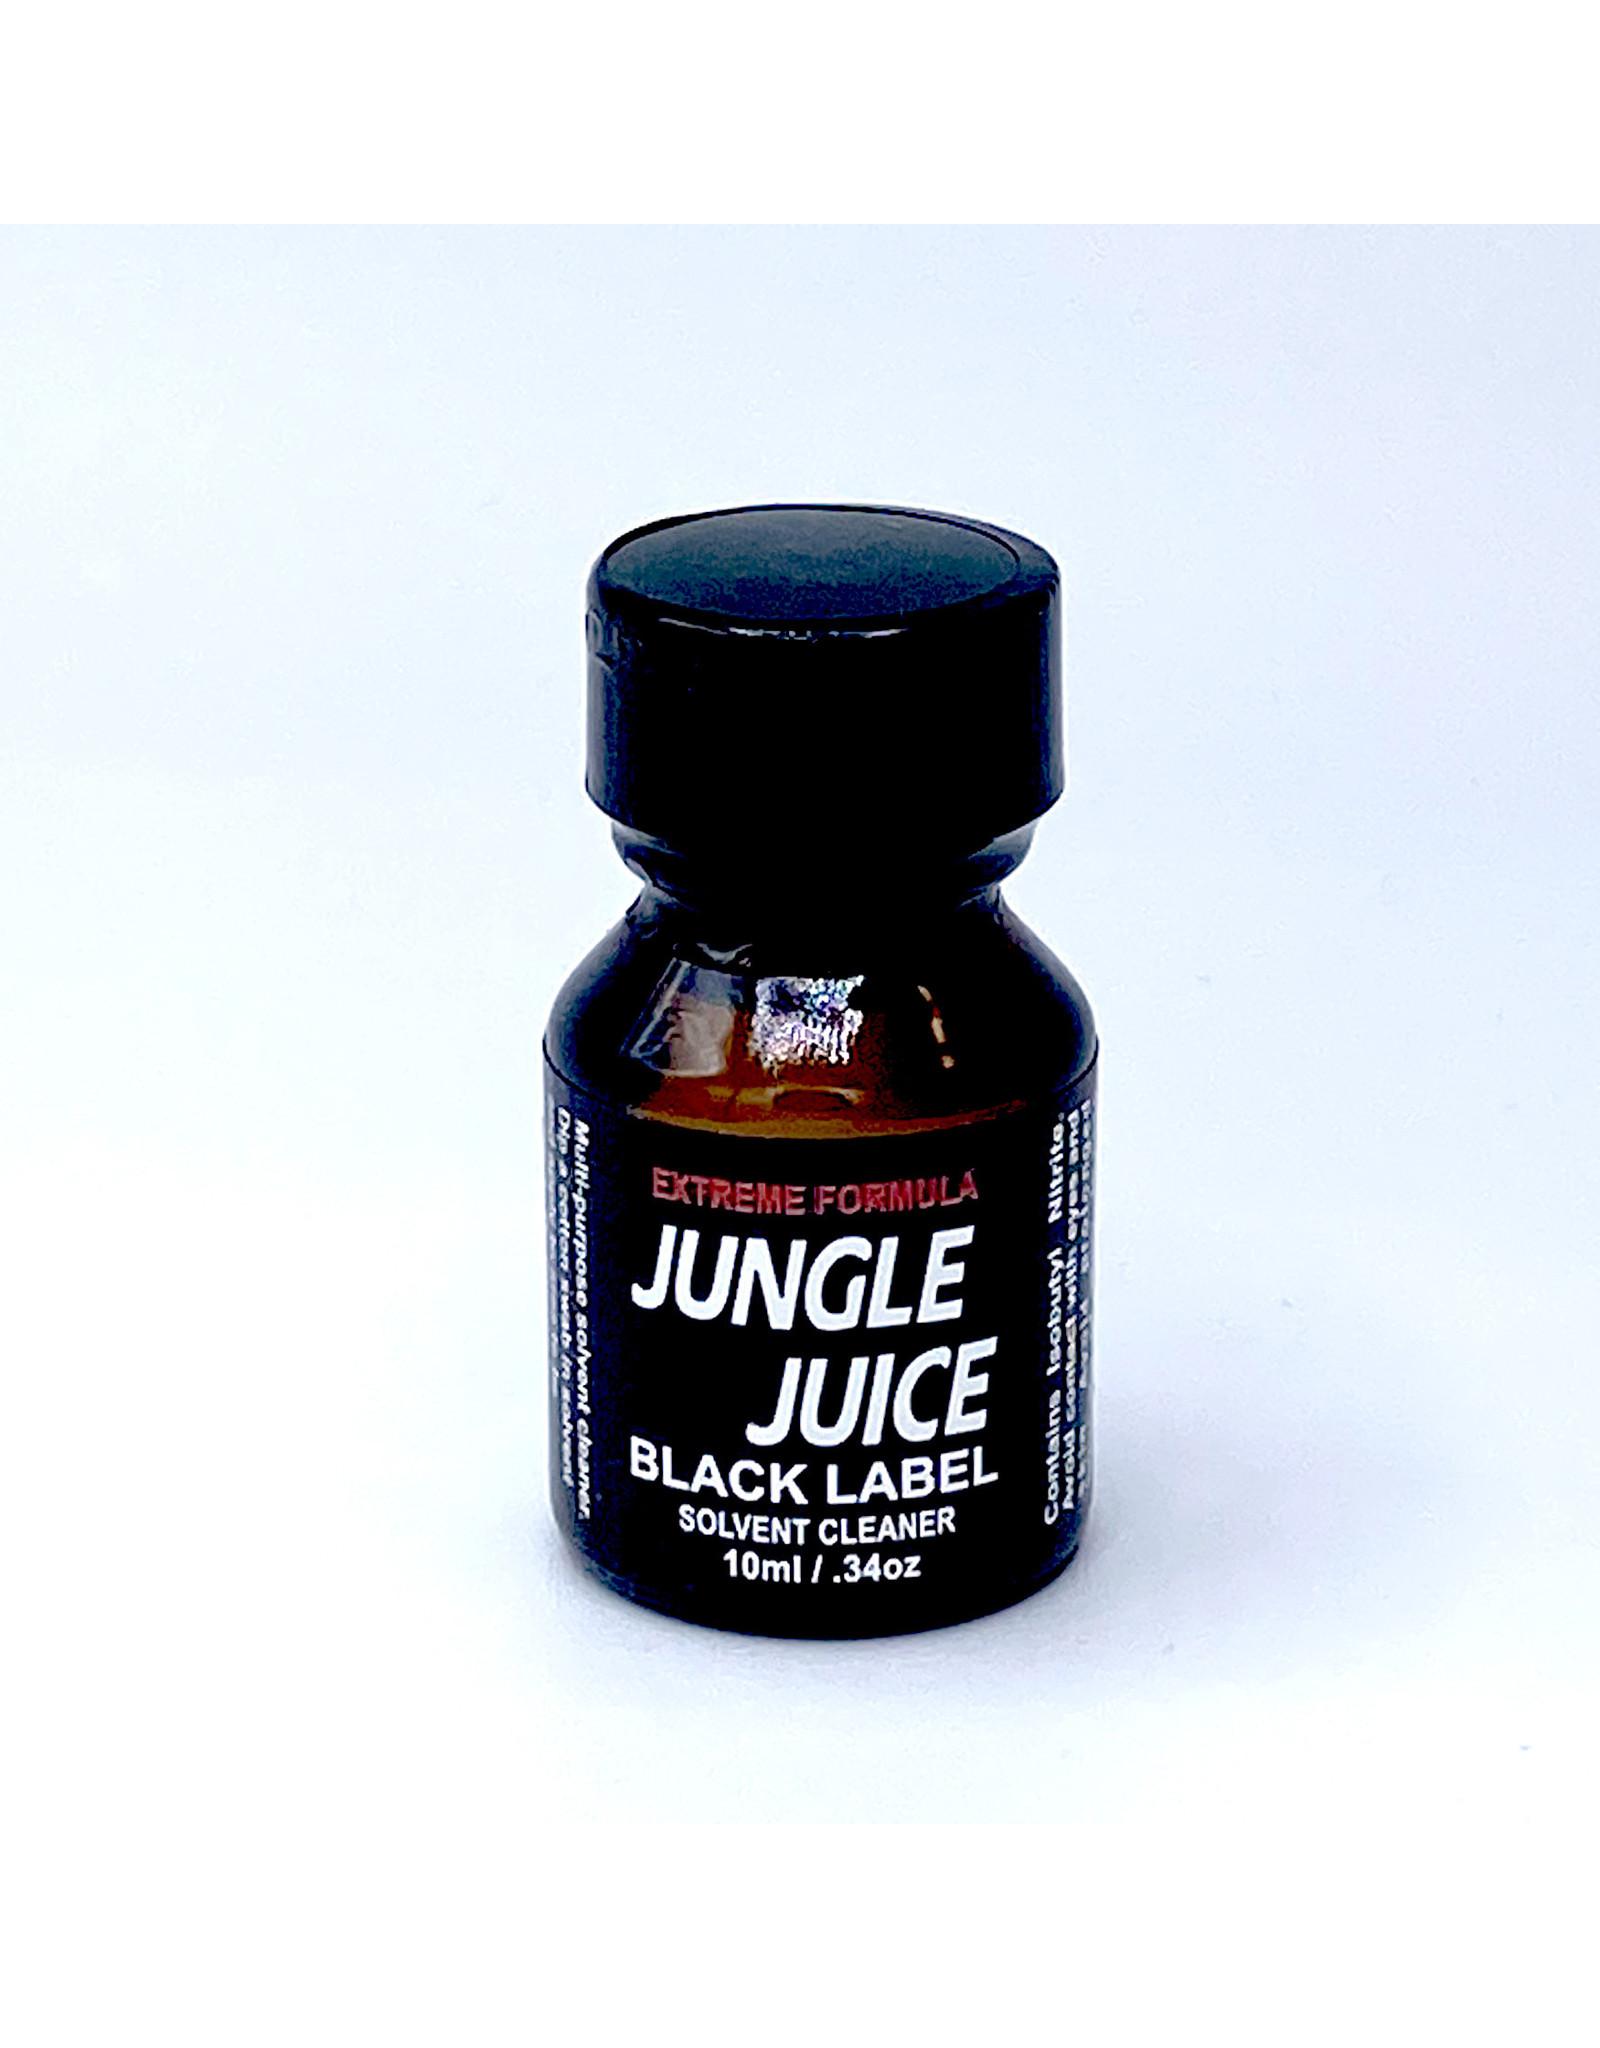 VCR Cleaner VCR Cleaner Jungle Juice Black Label